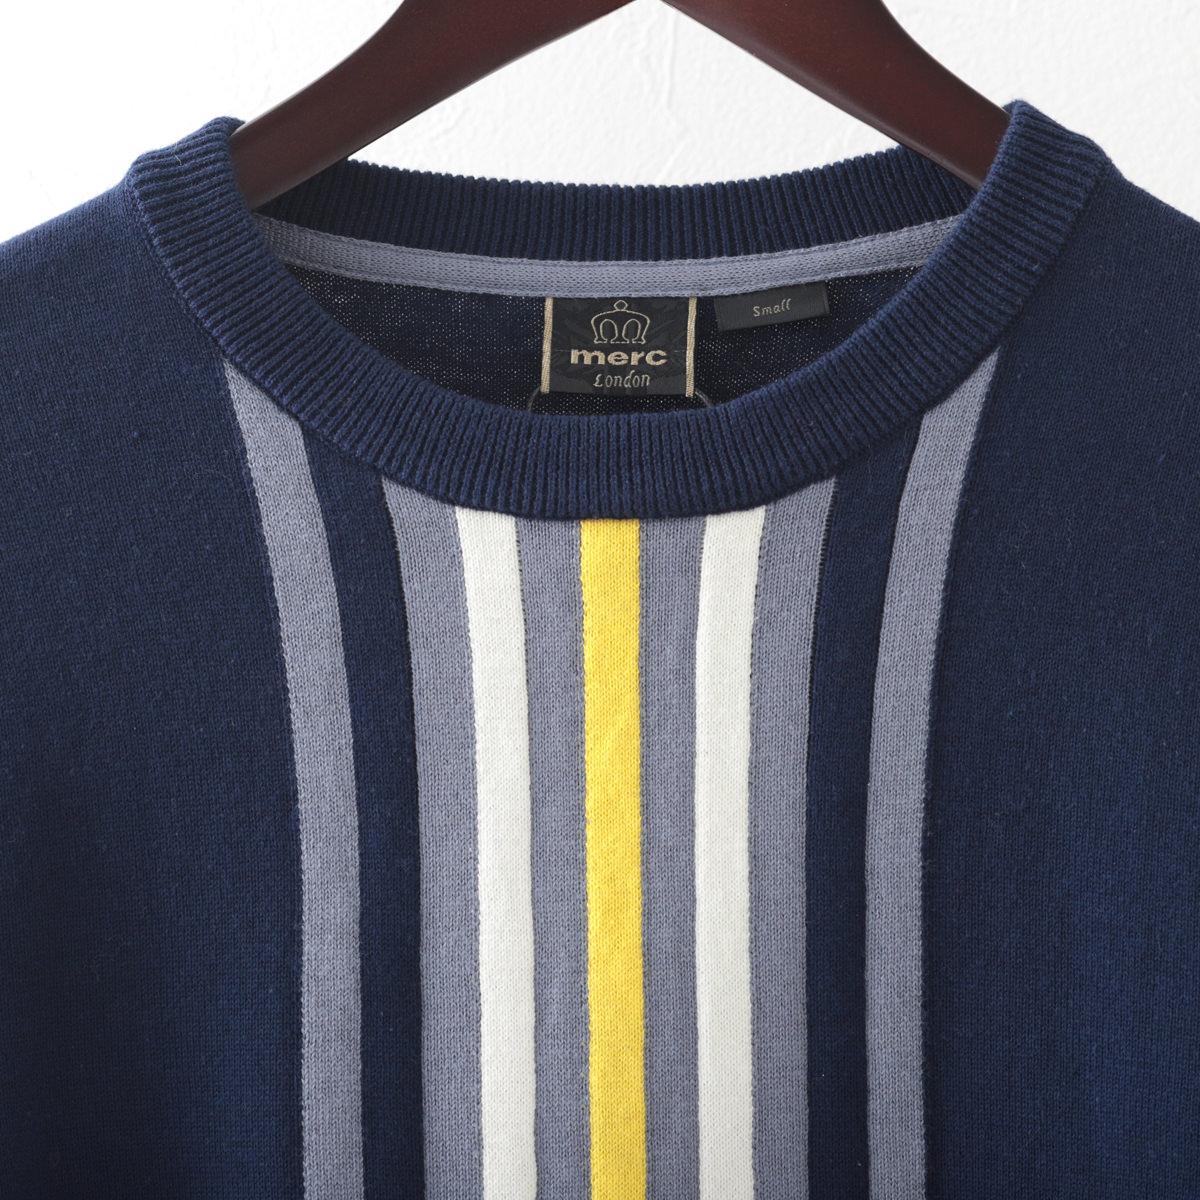 メルクロンドン メンズ ヴァーティカルストライプ セーター Merc London 長袖 ダークセージ ネイビー 2色 モッズファッション プレゼント ギフト